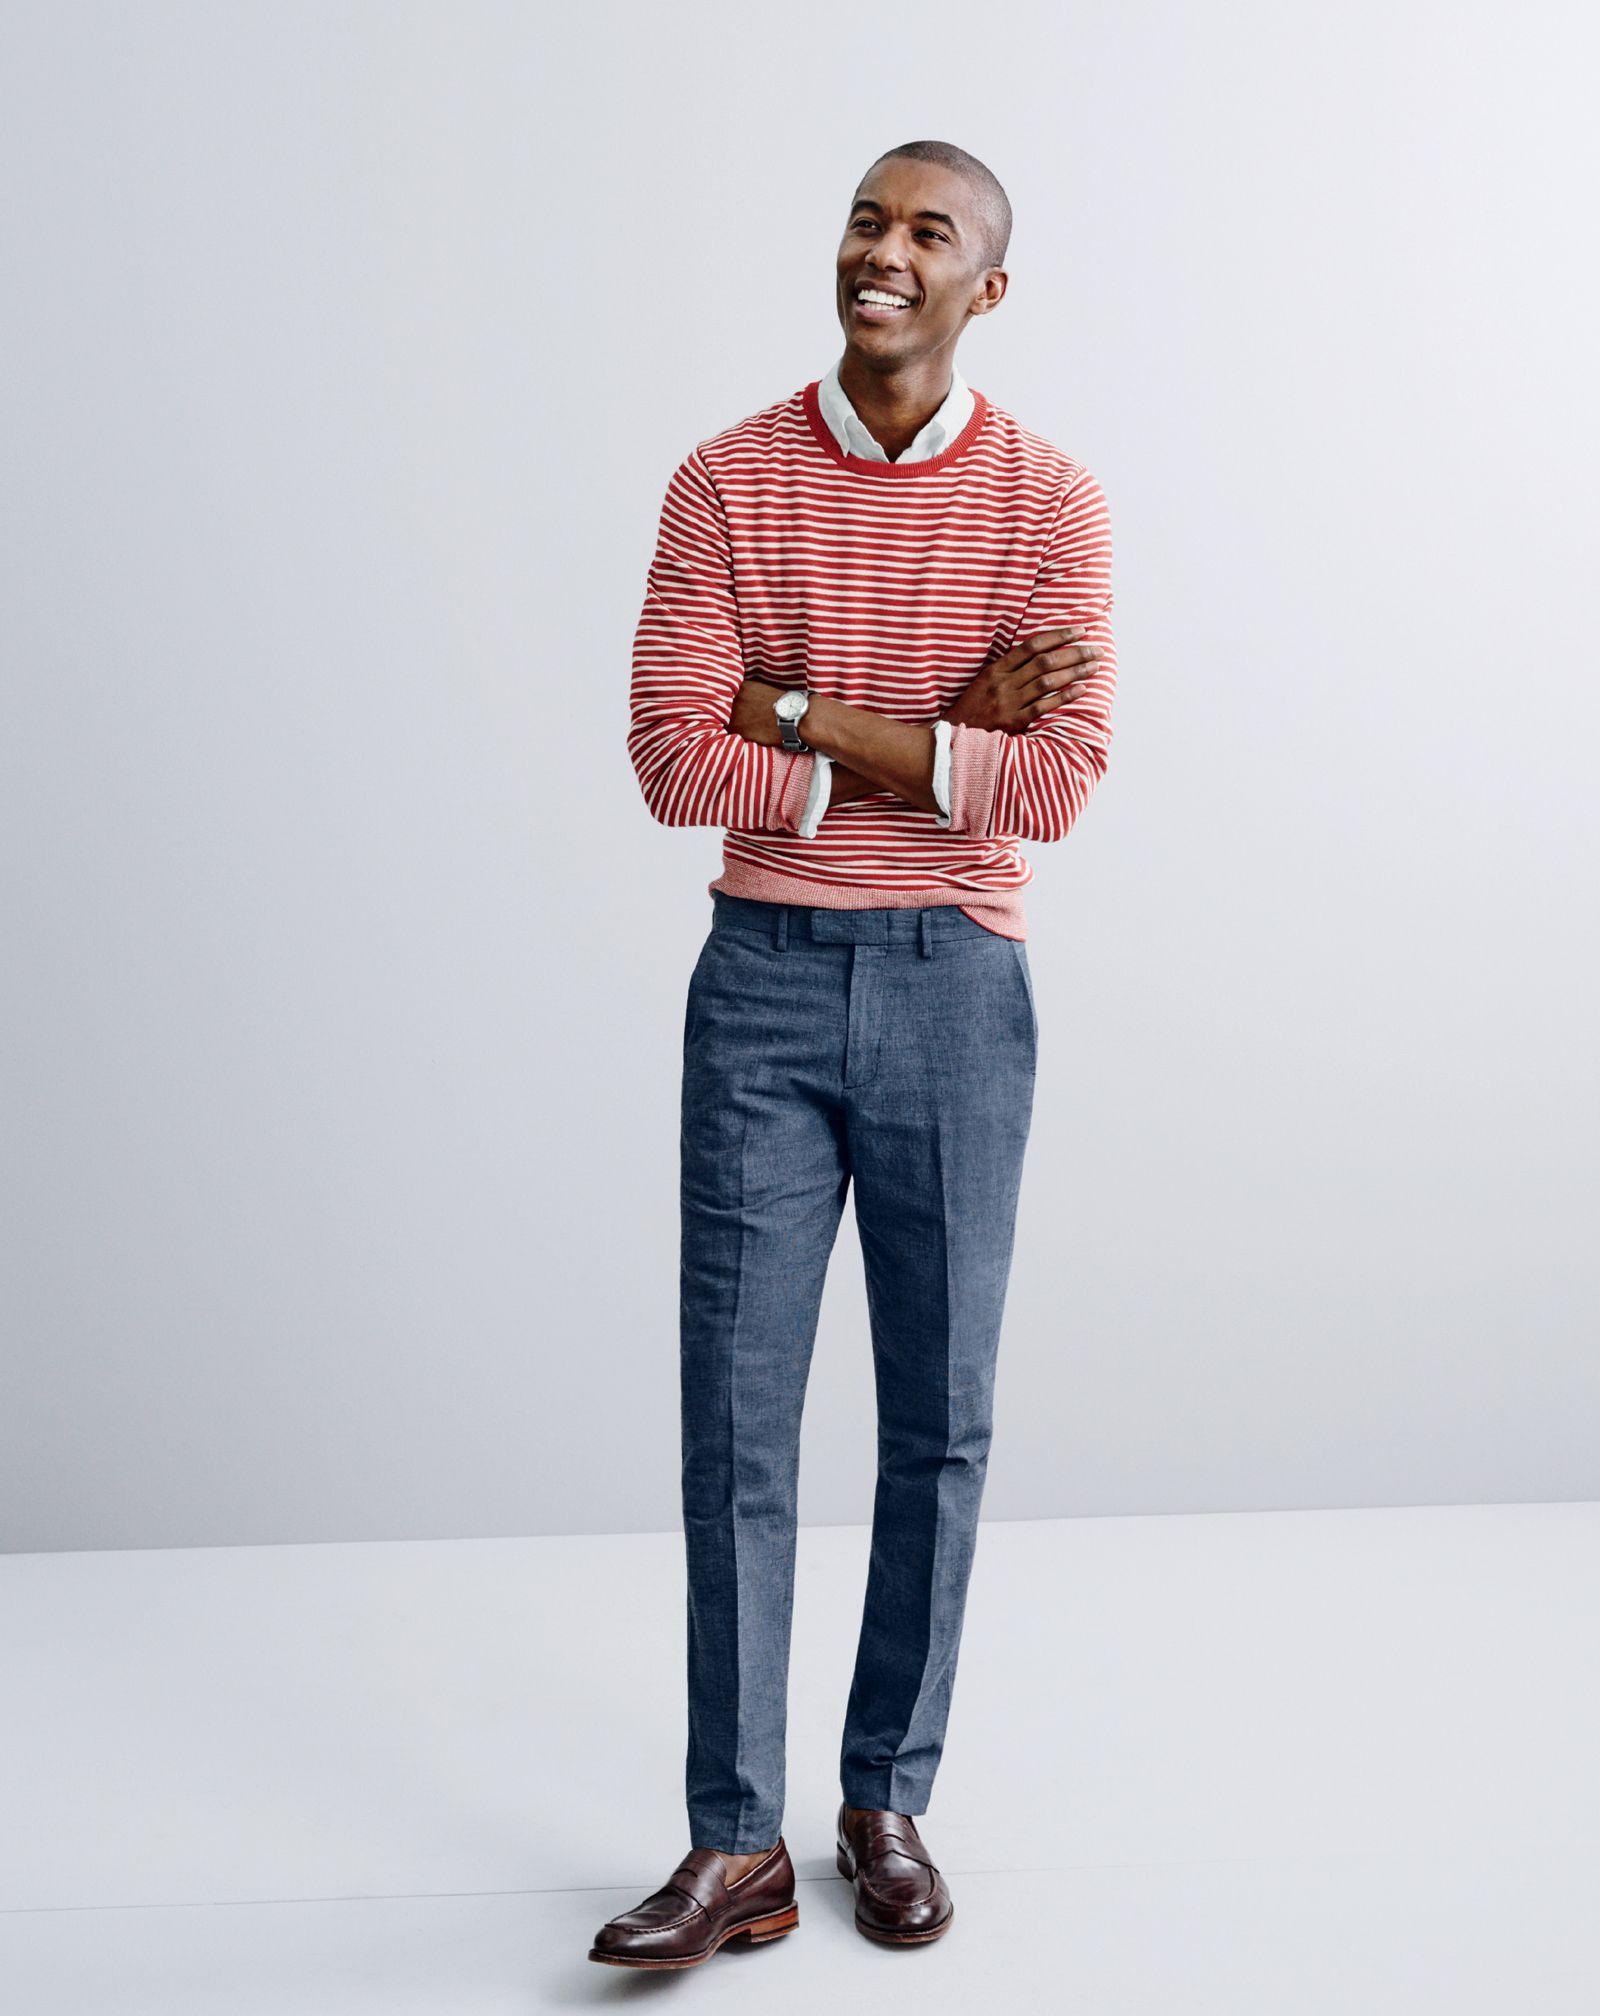 Pochette En Coton Pour Hommes Carré - Partie Tous Les Jours (coton) Par Vida Vida VkPR22MYX5